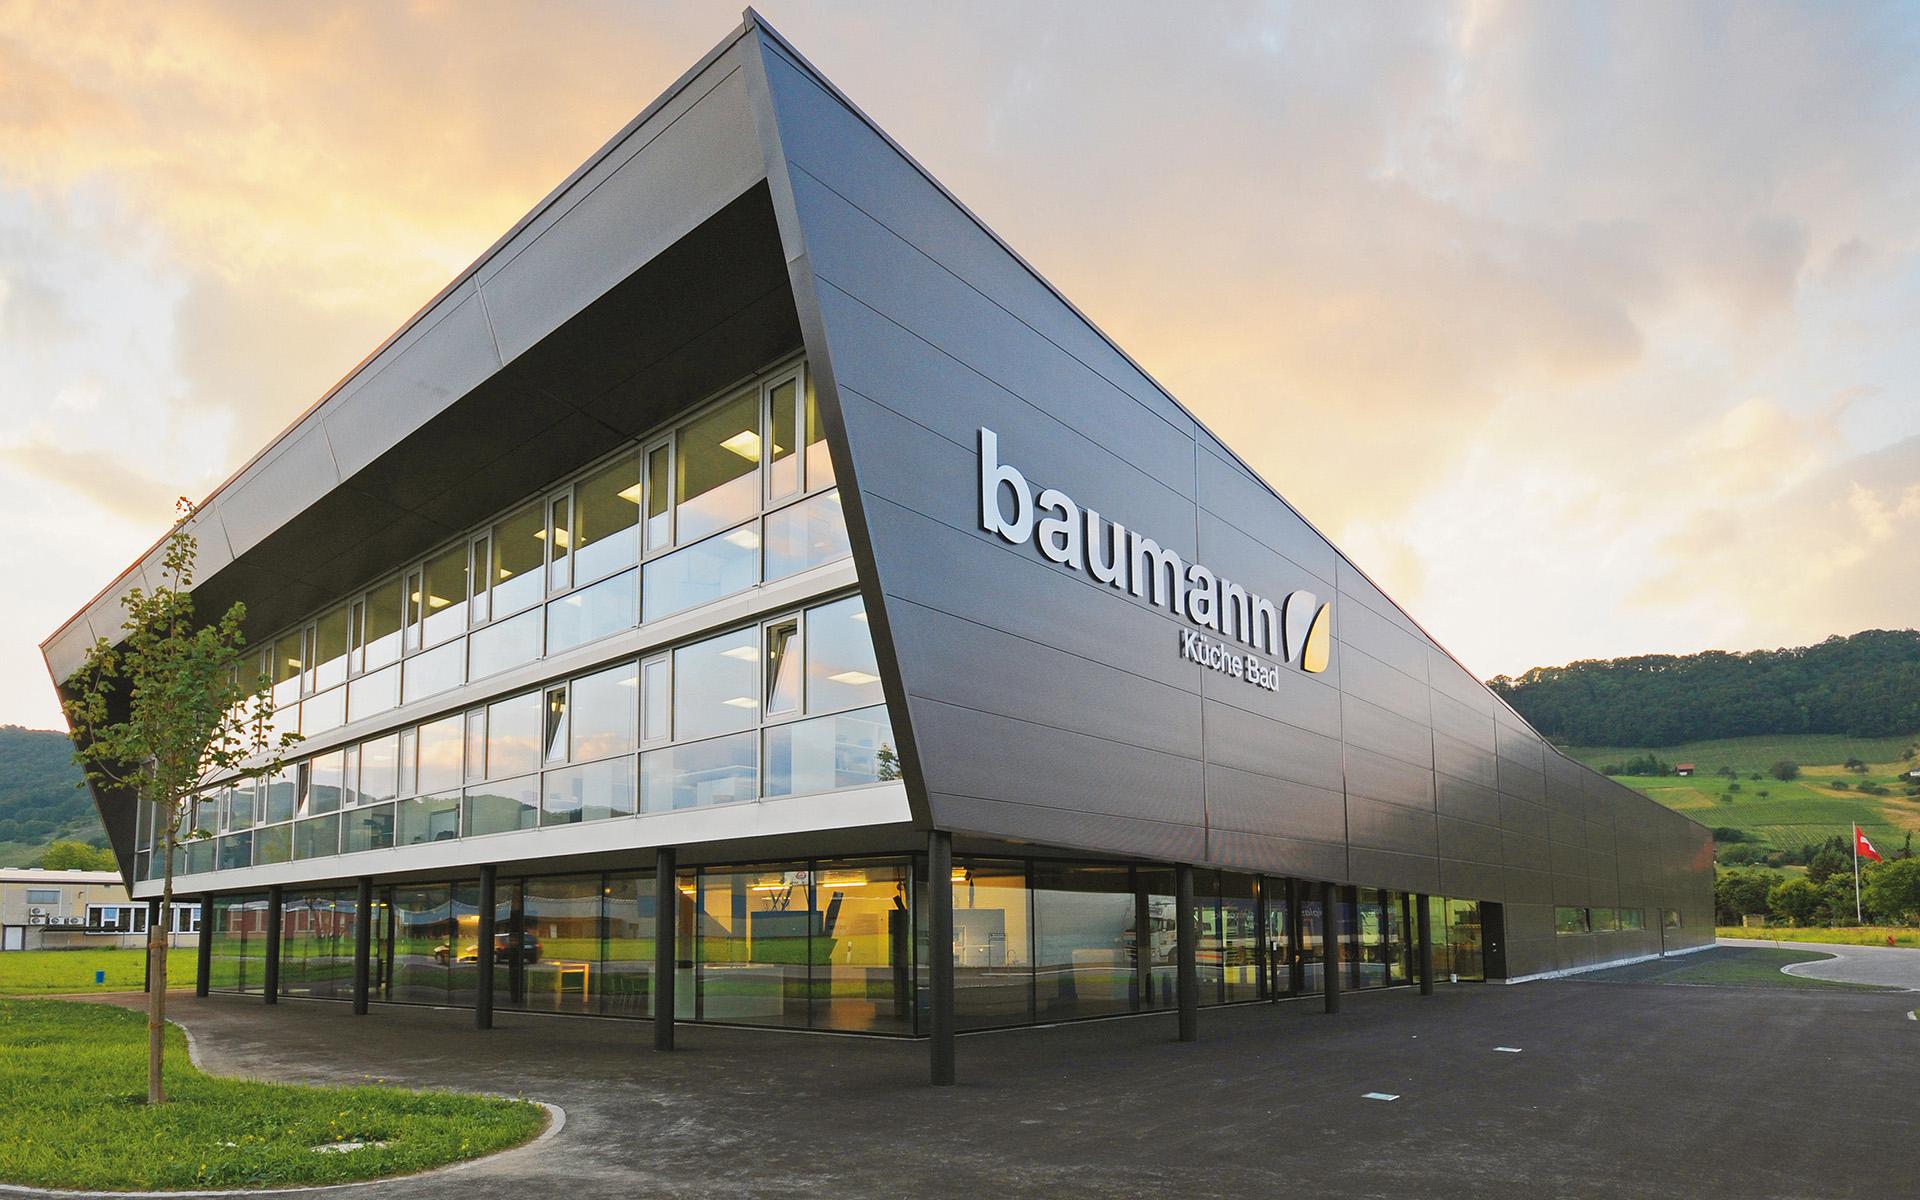 Header Baumann Kuechen 07